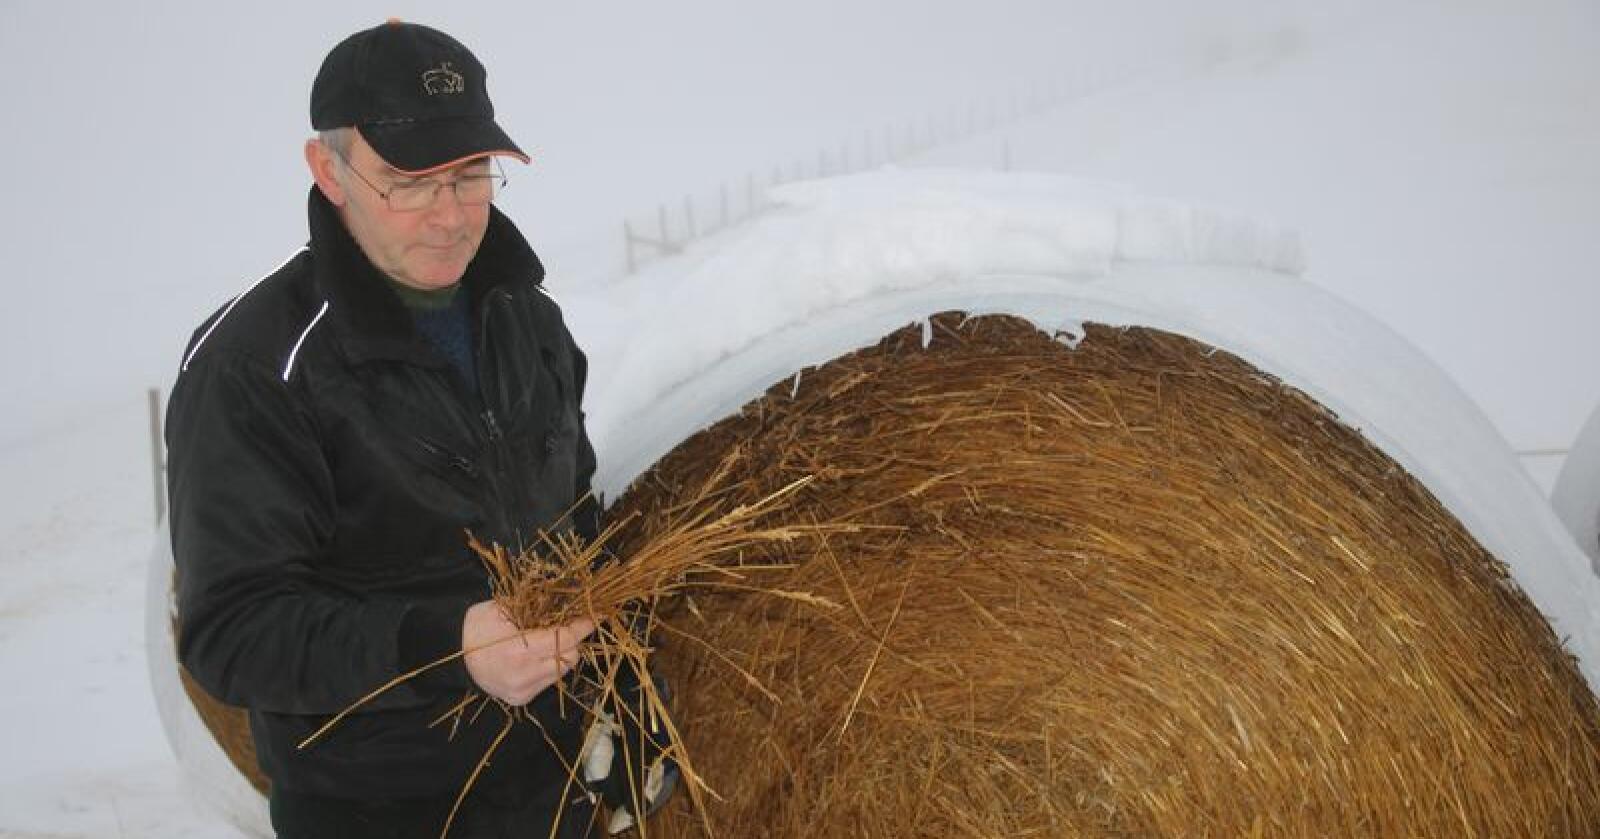 Halm ble redningen: Thorstein Hensrud studerer kvaliteten på halmen. Han legger ikke skjul på at den gode responsen fra kornbøndene har vært redningen etter tørkesommeren. Foto: Lars Olav Haug